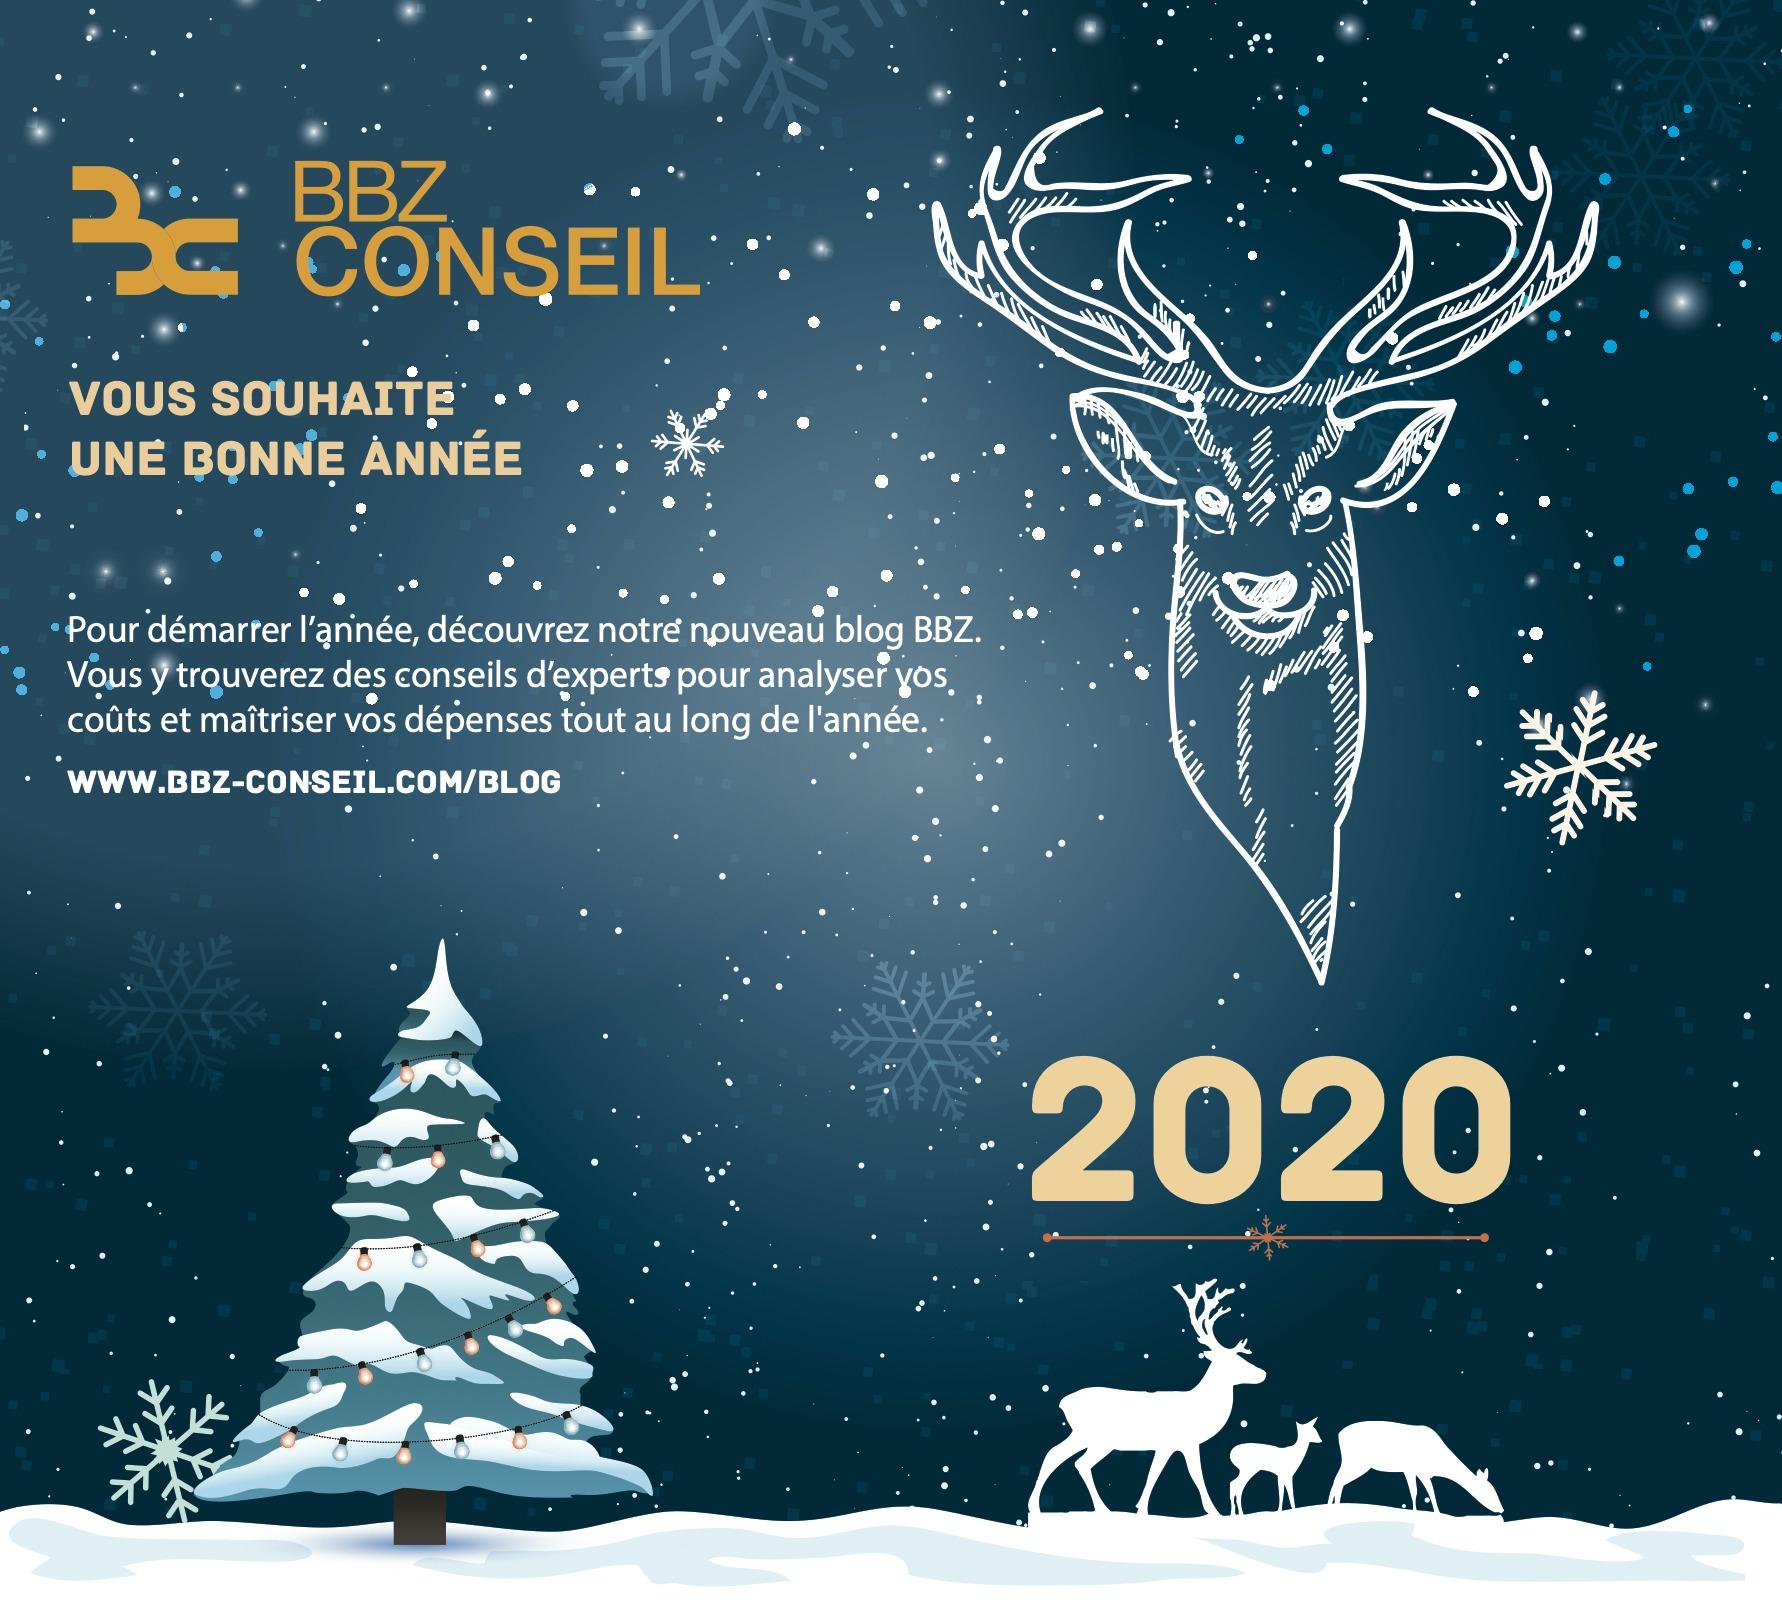 Carte de Voeux 2020 cerf blanc, BBZ cosneil